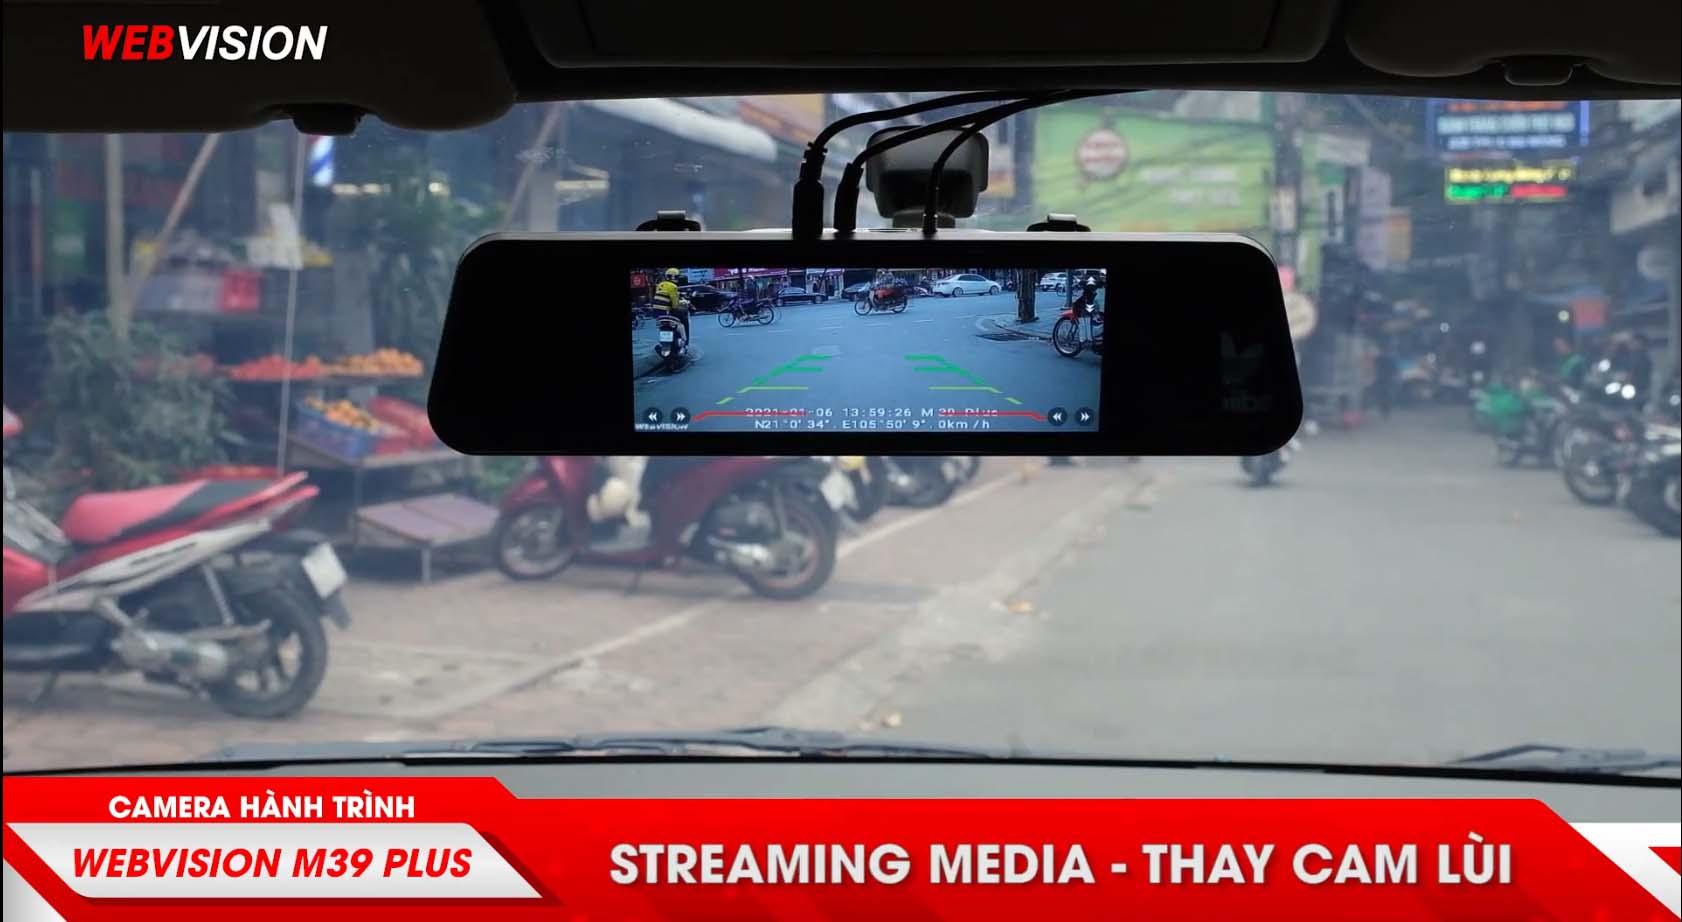 camera lùi chia vạch khoảng cách của webvision m39 plus